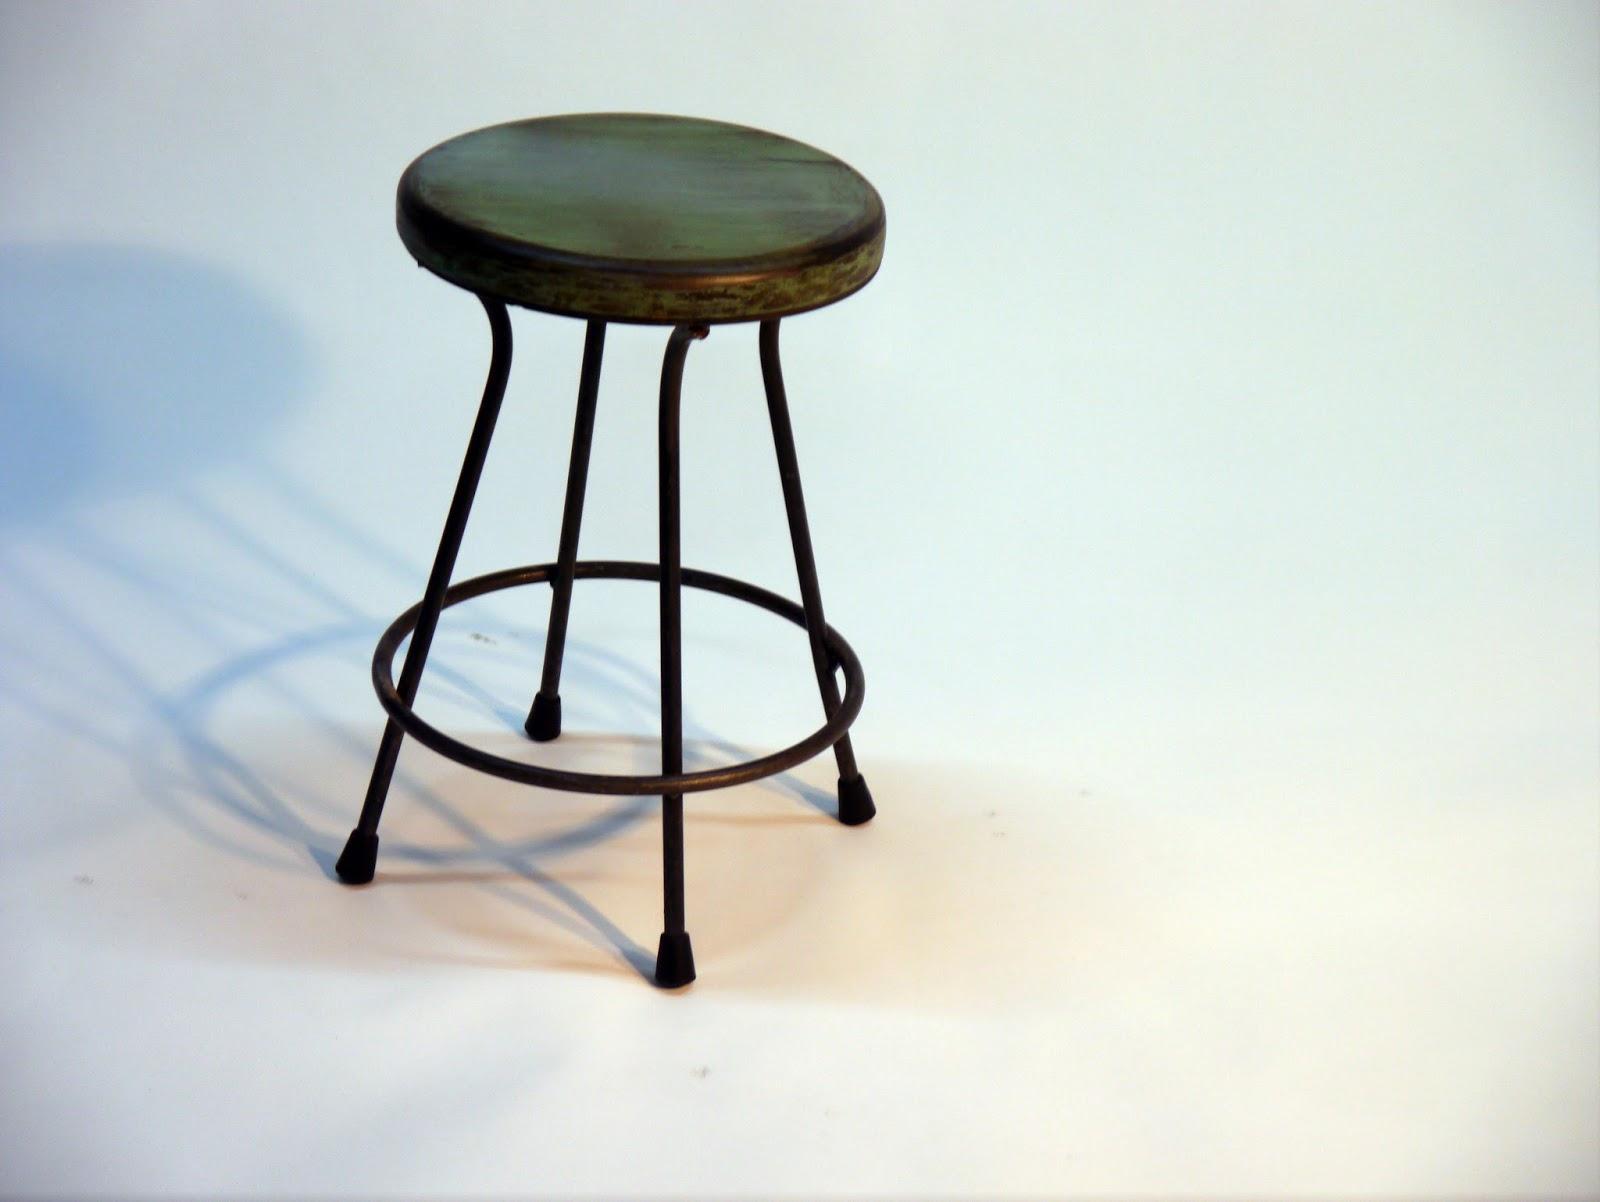 Mesas y sillas en metal de estilo industrial en hierro y for Mesas y sillas para hosteleria